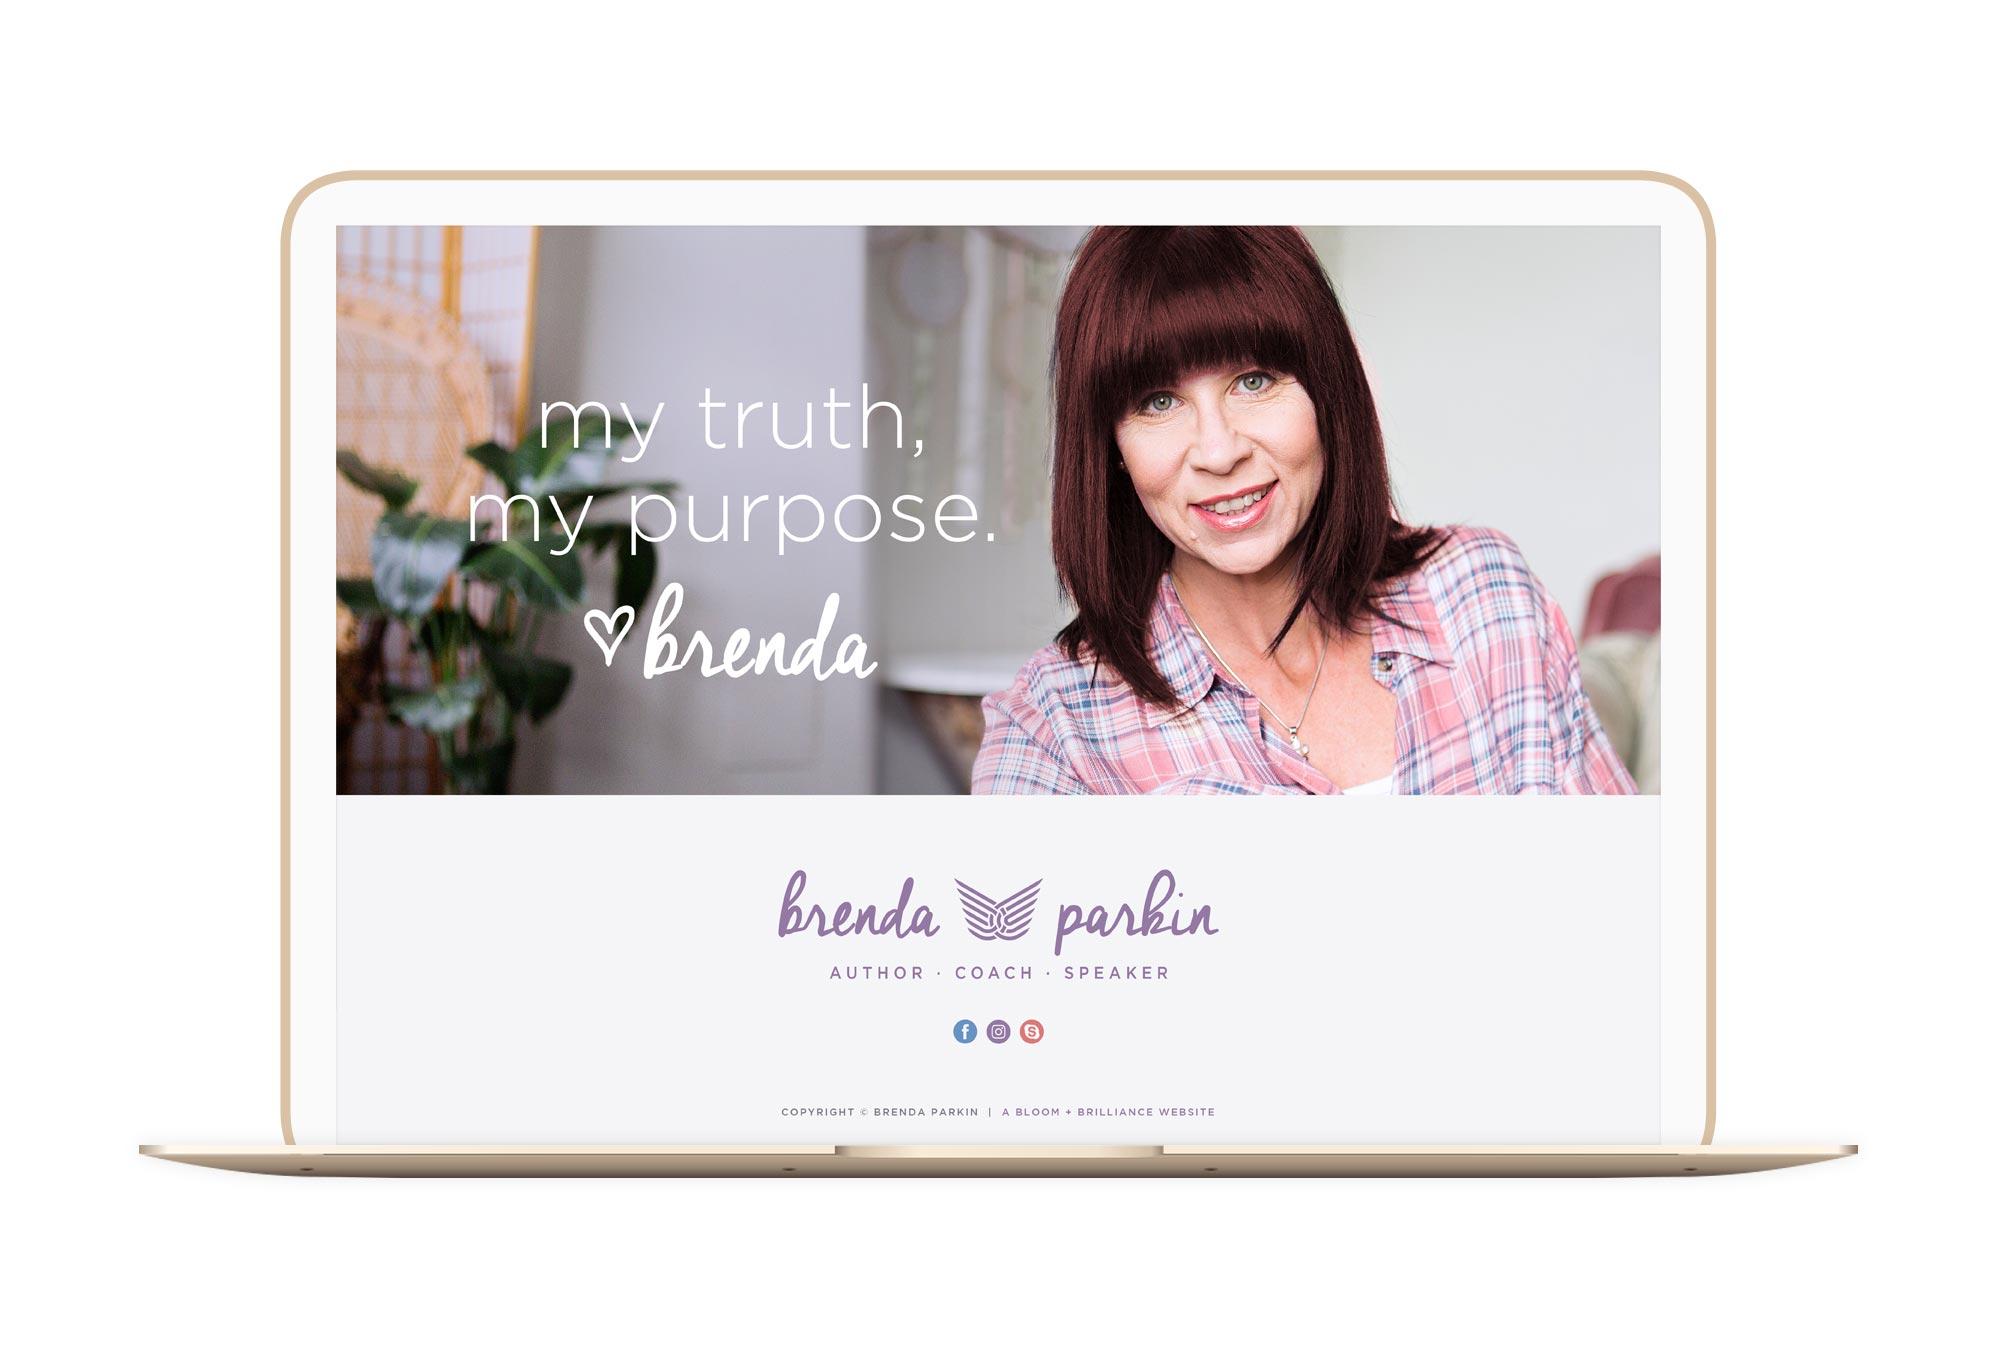 Brenda Parkin Winnipeg Feminist Brands Website Design Feminist Entrepreneurs Laptop